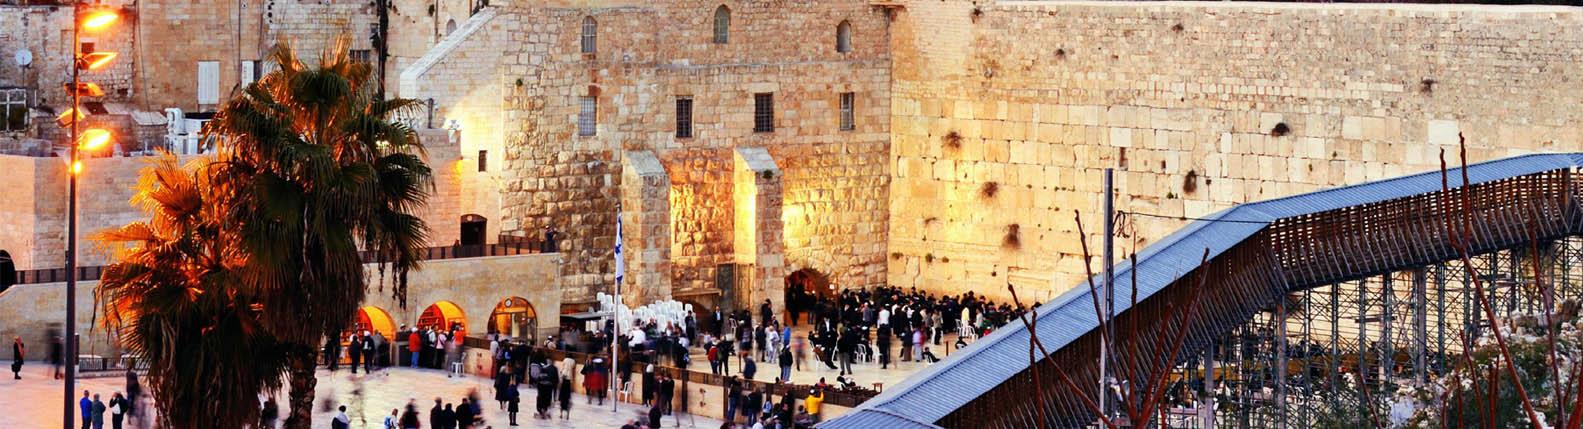 jednodniowe wycieczki do Jerozolimy, Tel Awiw wycieczki fakultatywne